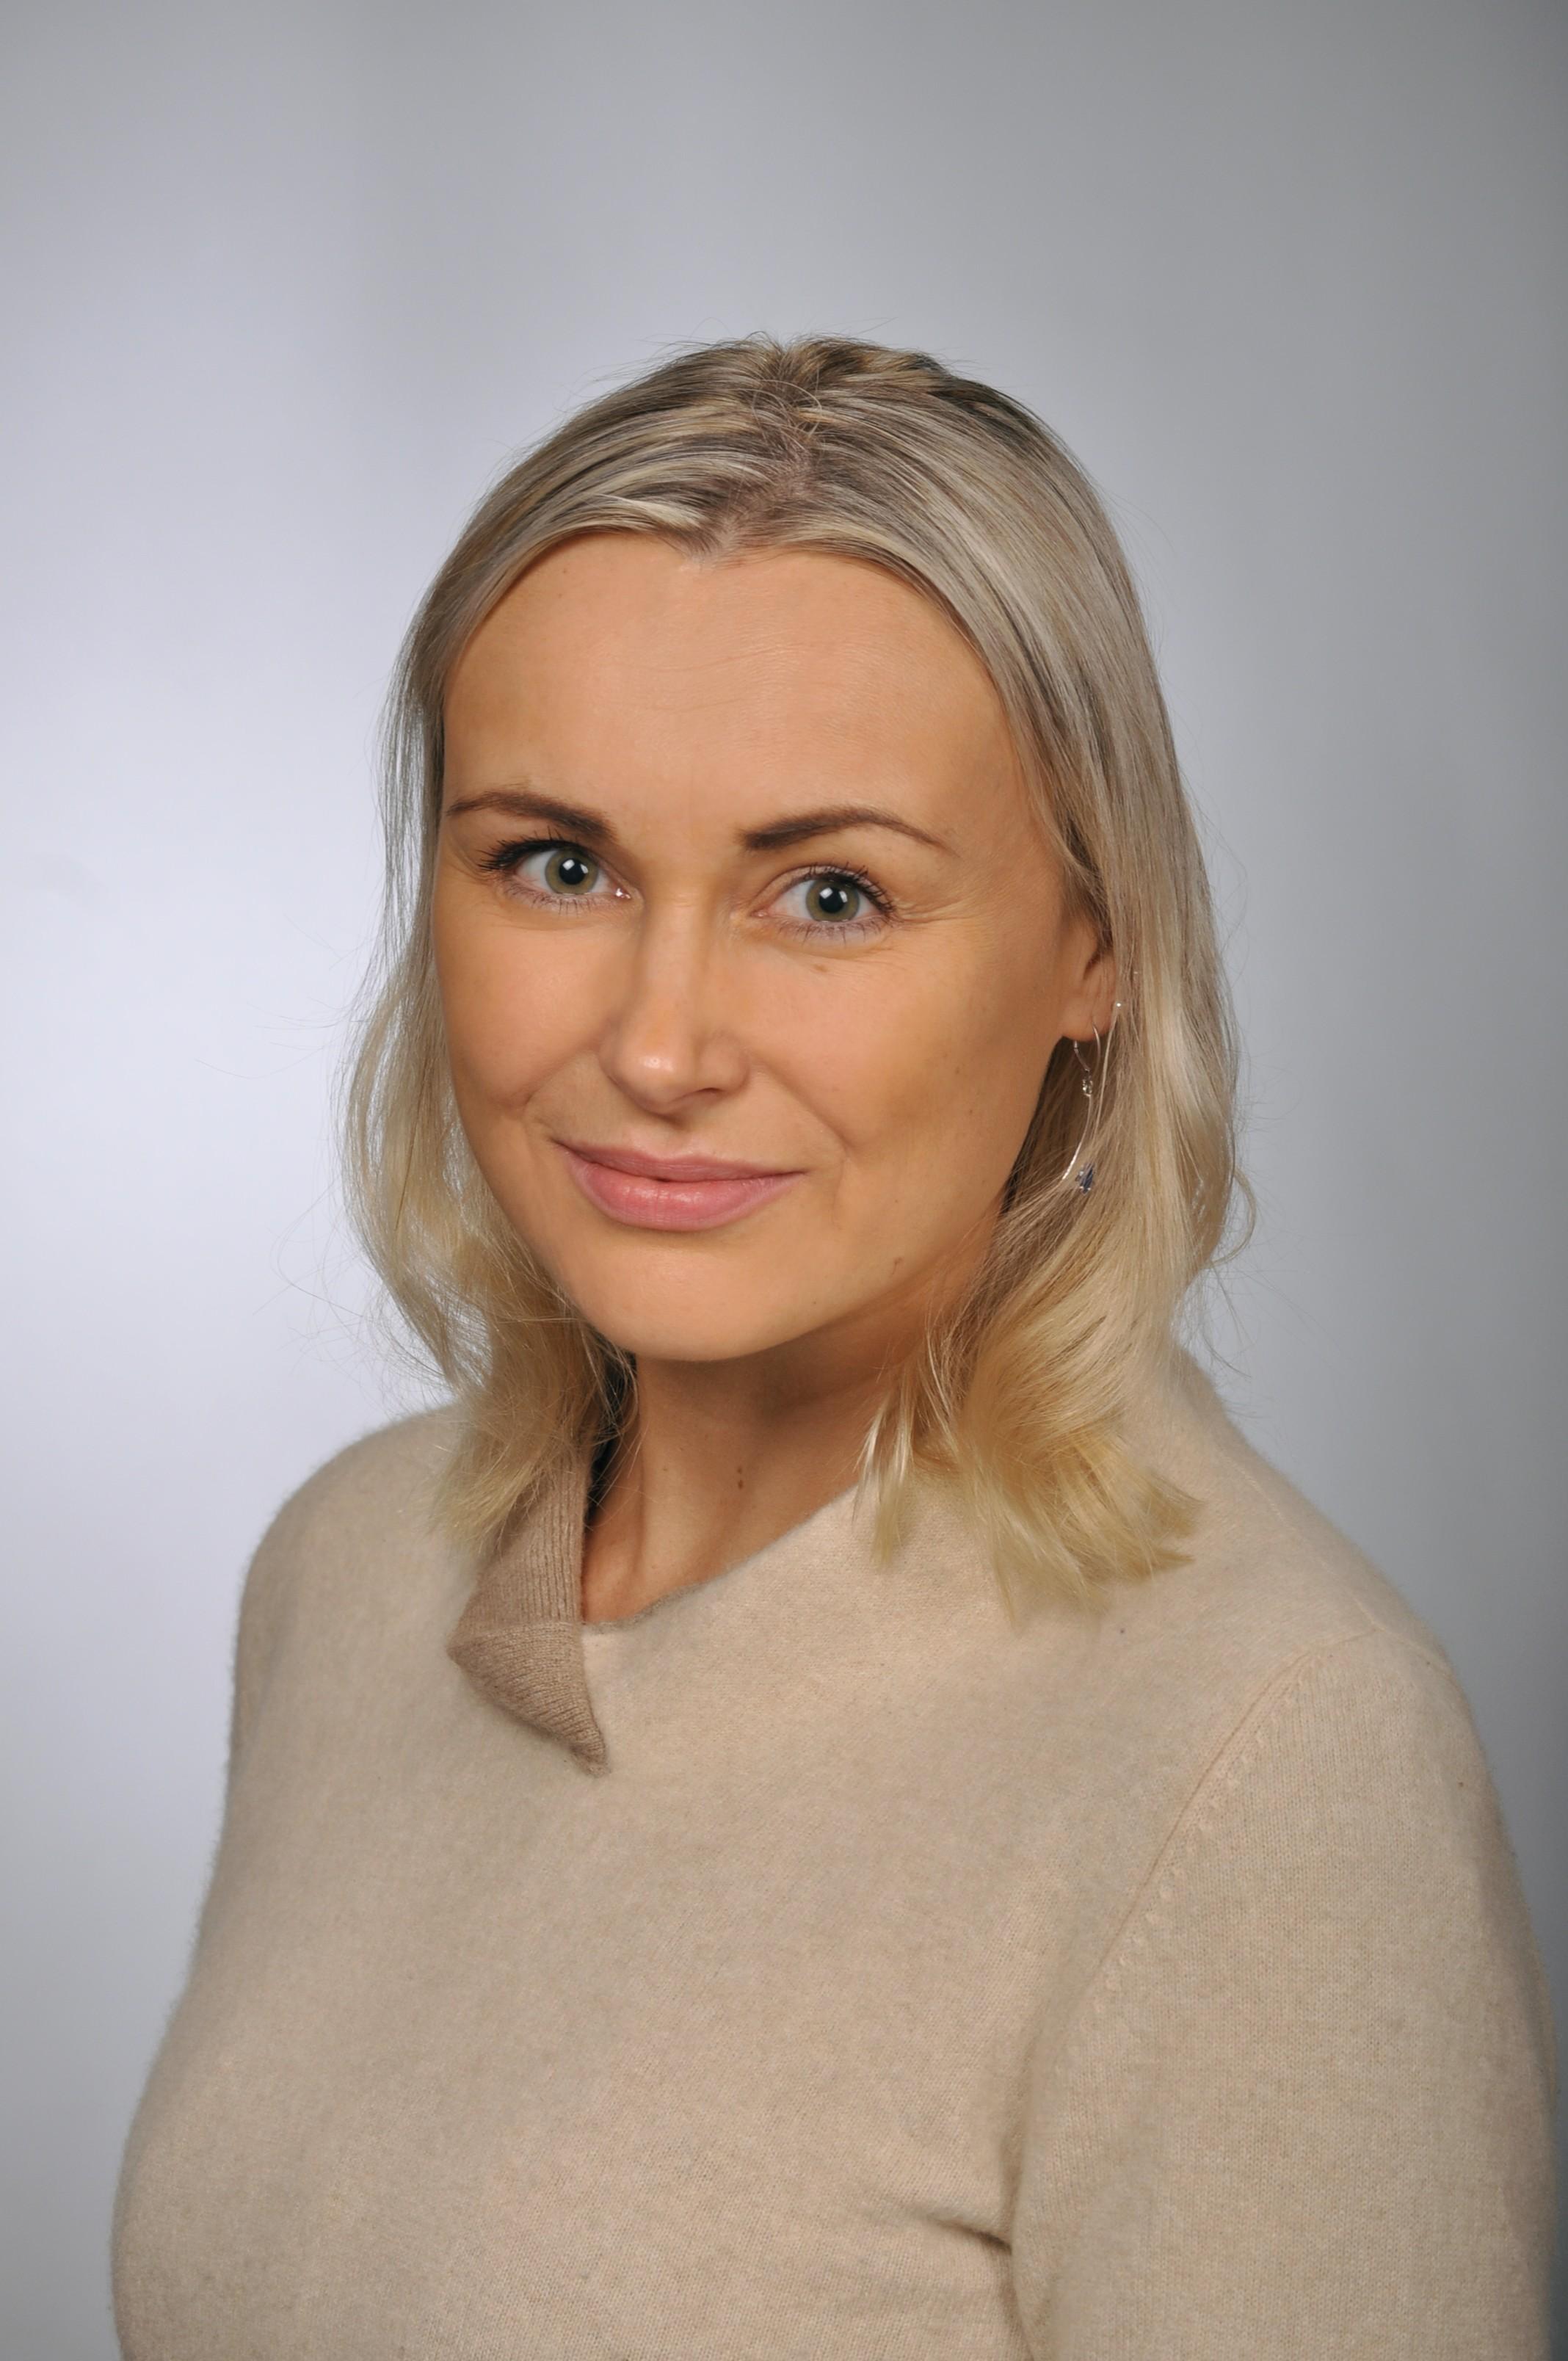 Agnieszka Latawiec, ganhadora do prêmio da Royal Society (Foto: Divulgação)